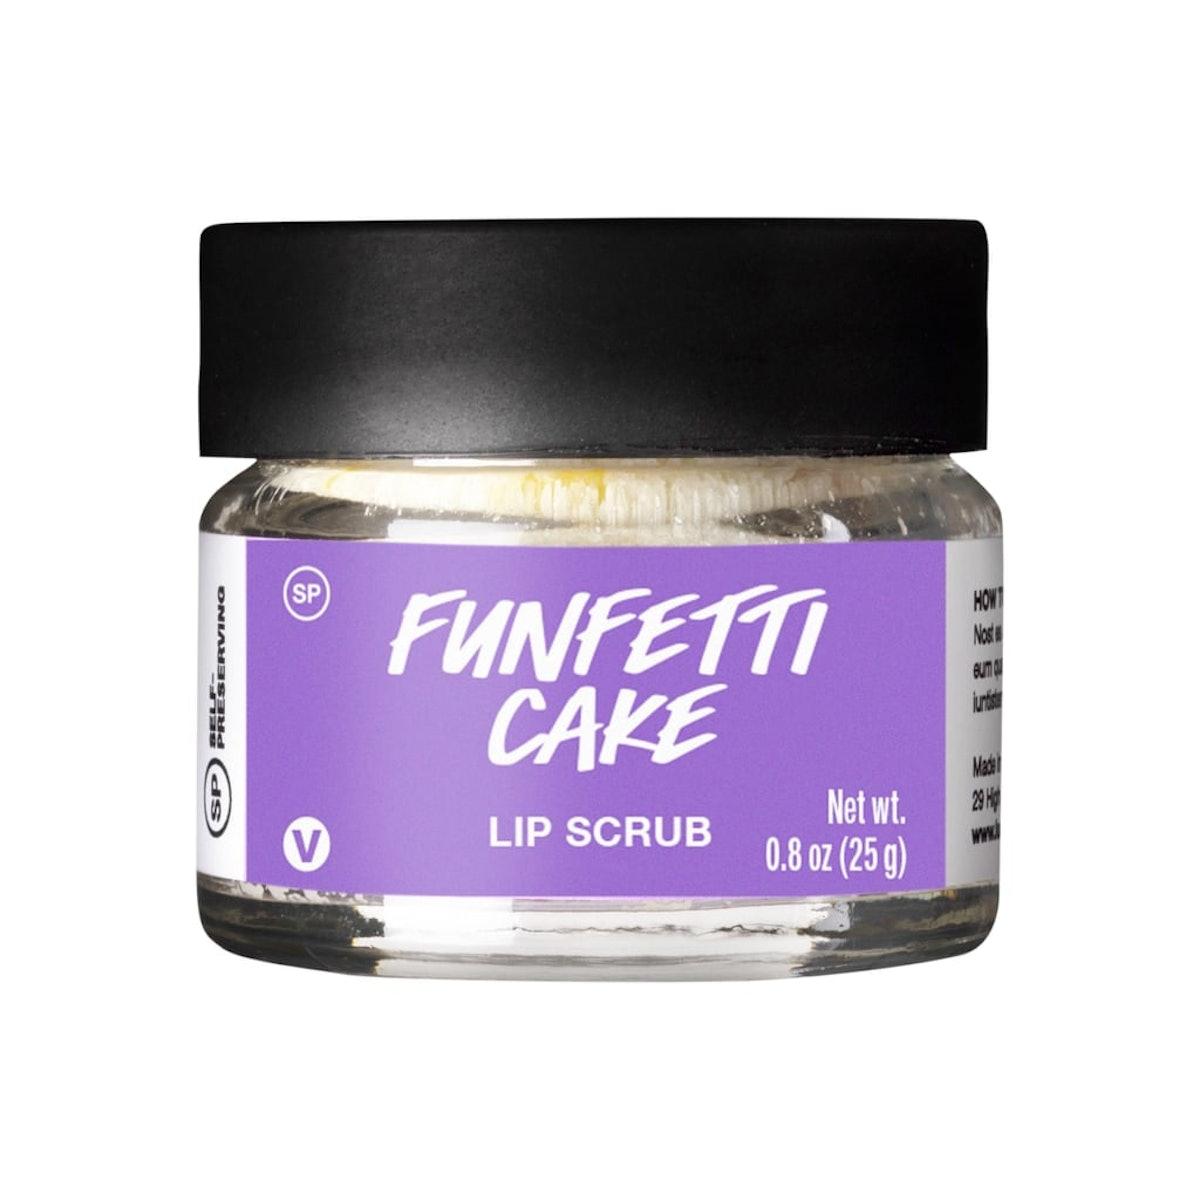 Funfetti Cake Lip Scrub